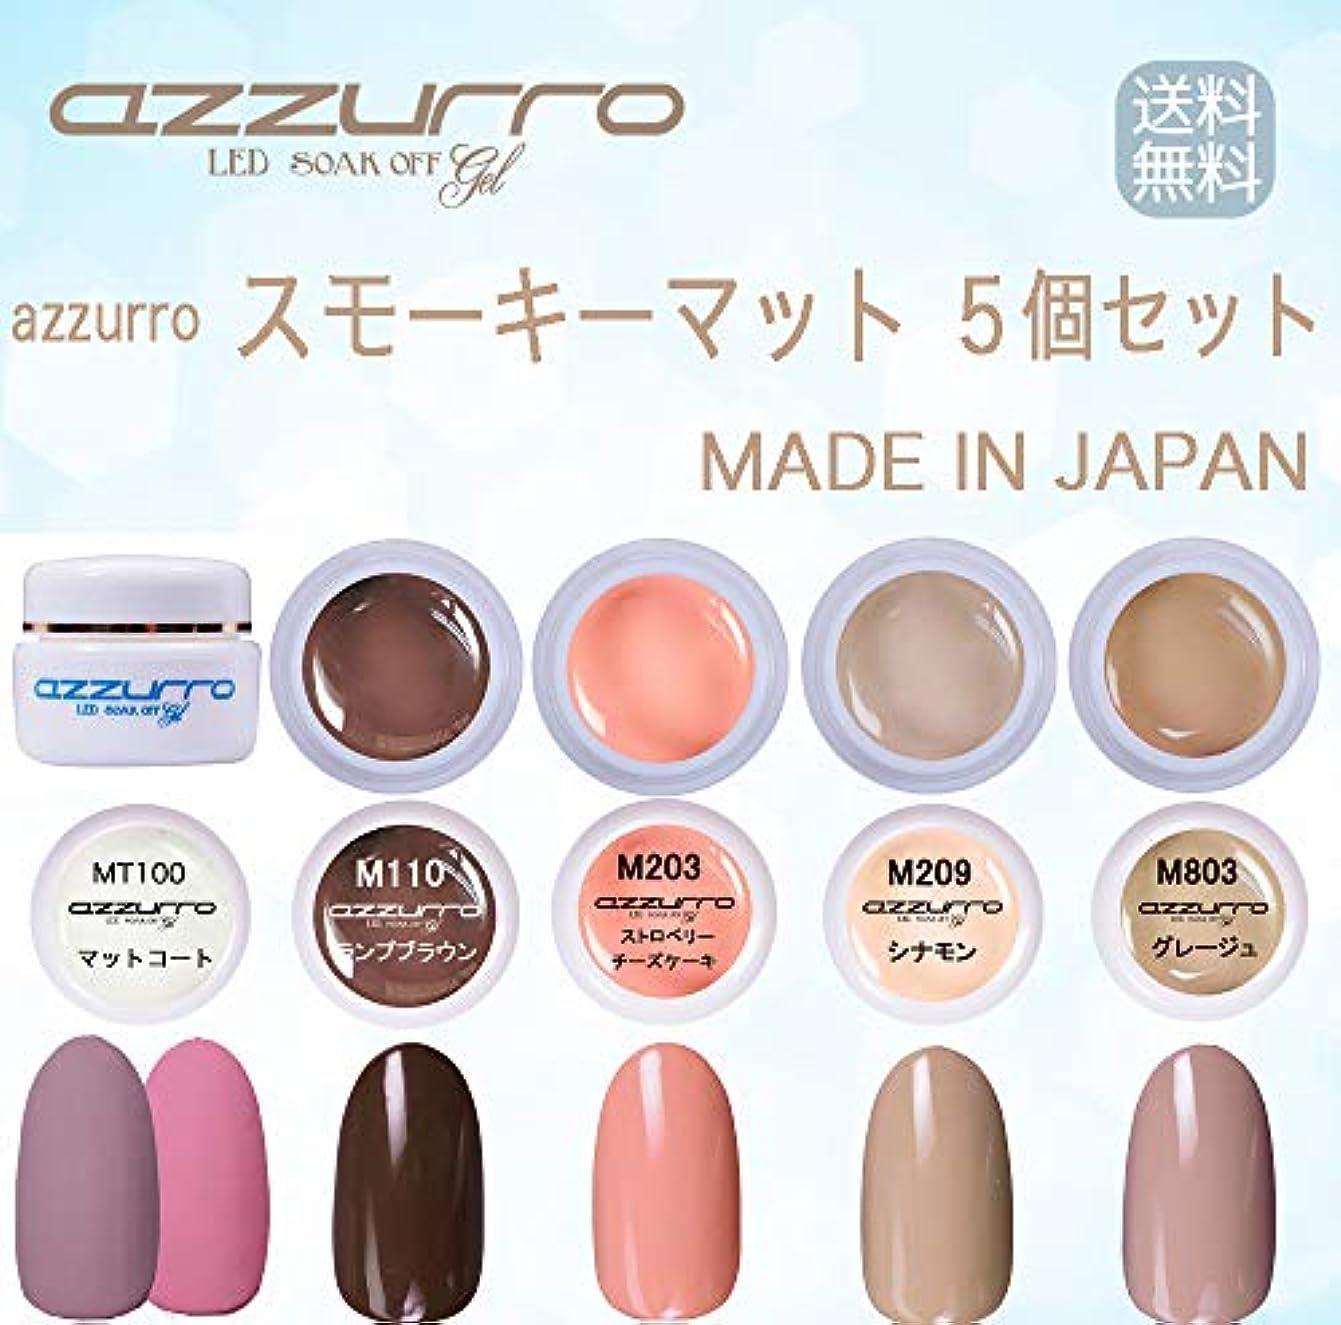 【送料無料】日本製 azzurro gel スモーキーマットカラージェル5個セット トレンドネイルのマストアイテムのマットトップ